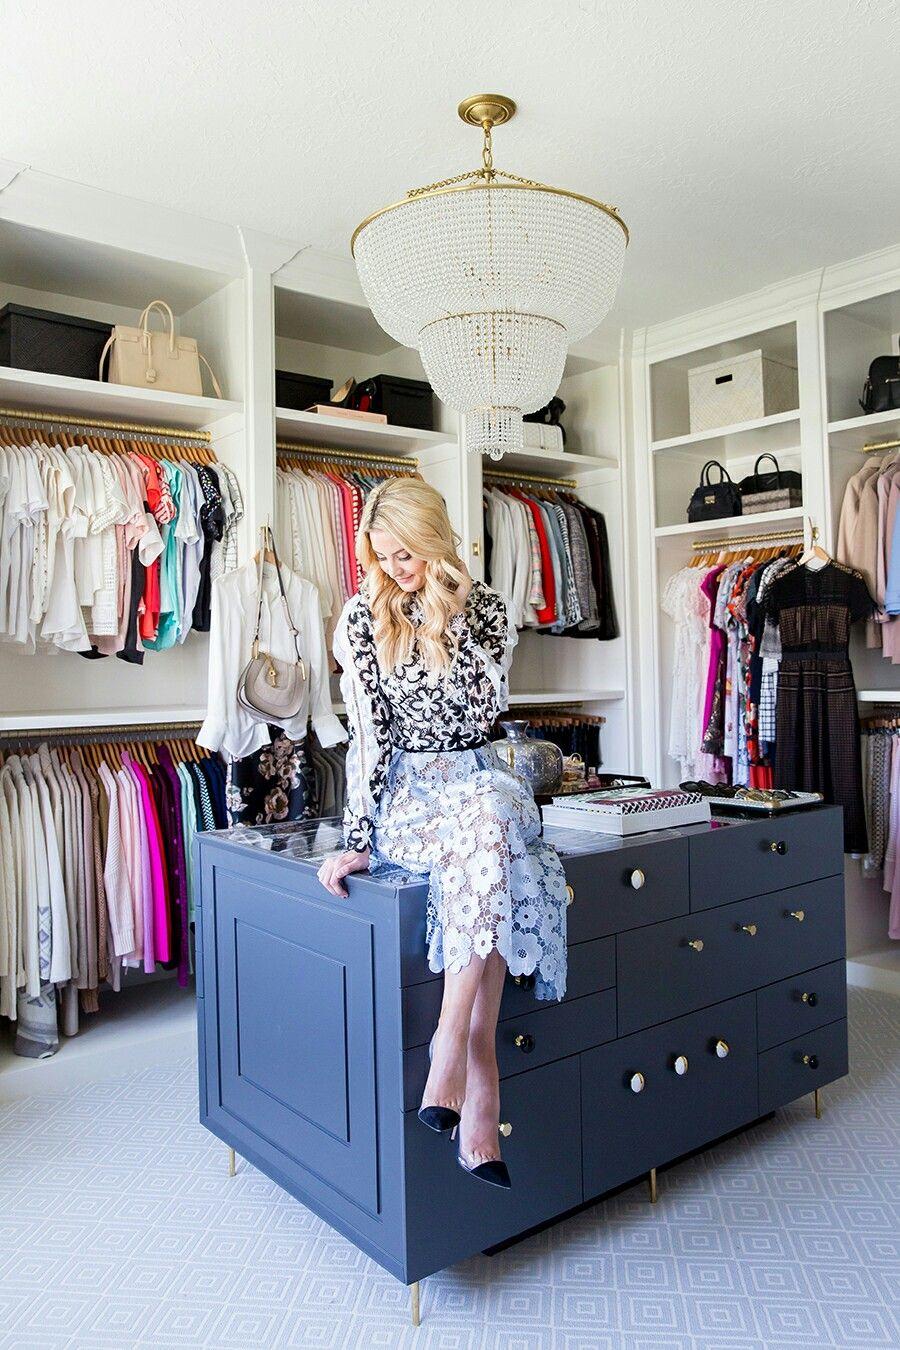 Eleganter Luxus Begehbarer Kleiderschrank Ideen Um Ihre Kleidung So Aufzubewahren Als O In 2020 Organizing Walk In Closet Closet Organization Closet Organization Diy